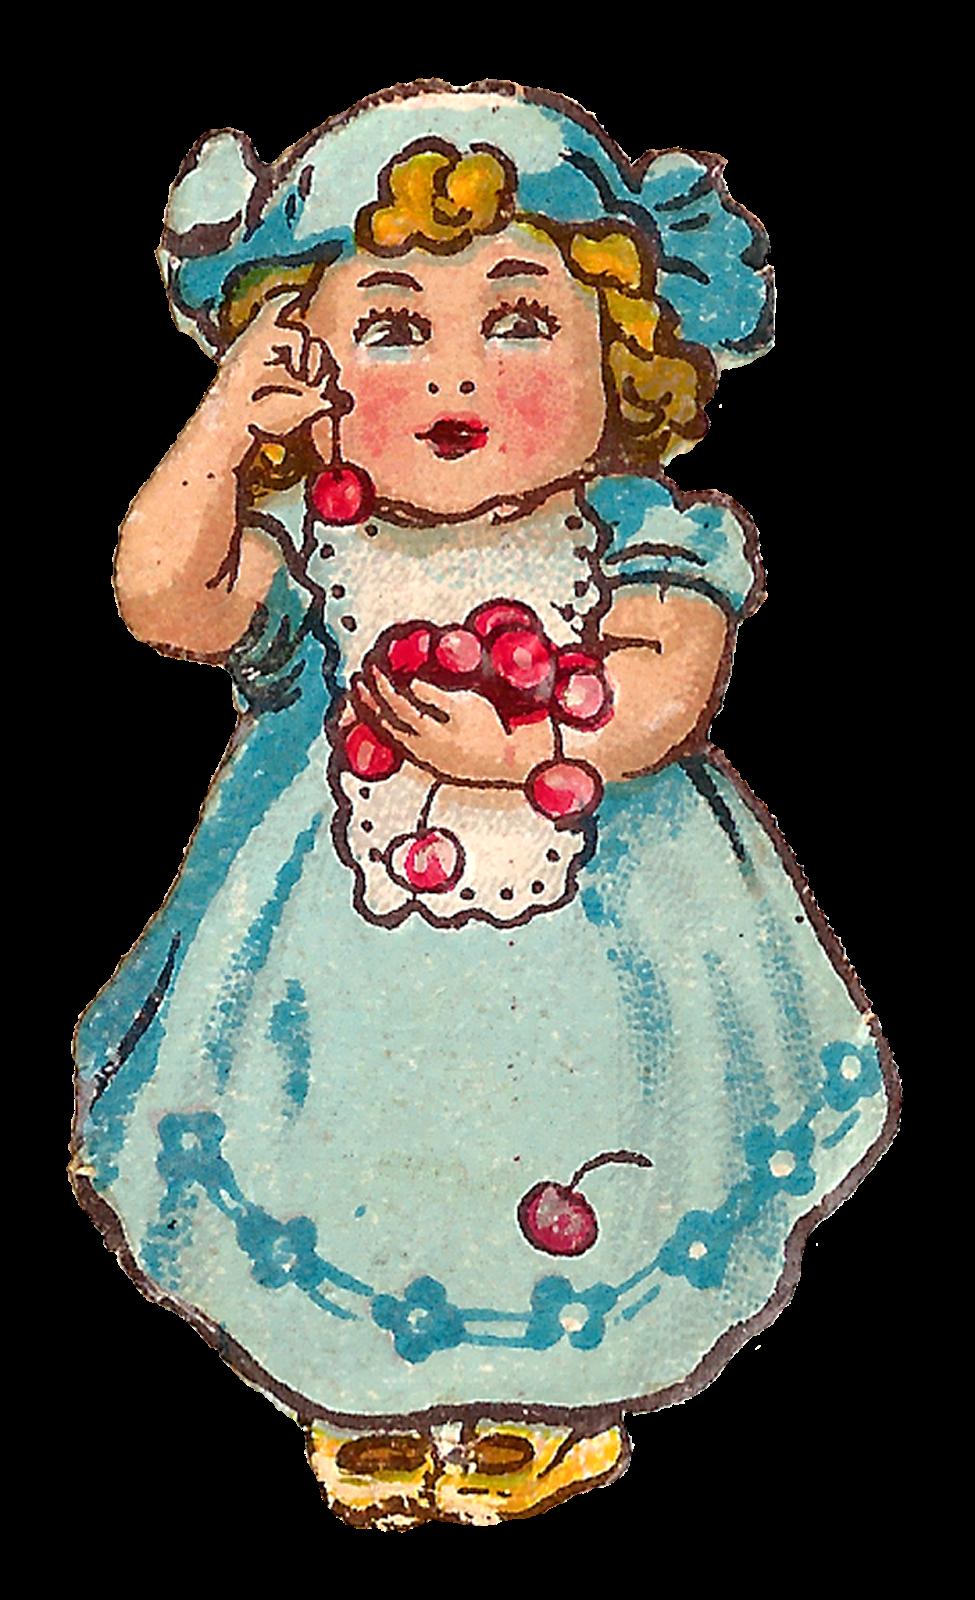 Pie clipart vintage. Antique images digital free